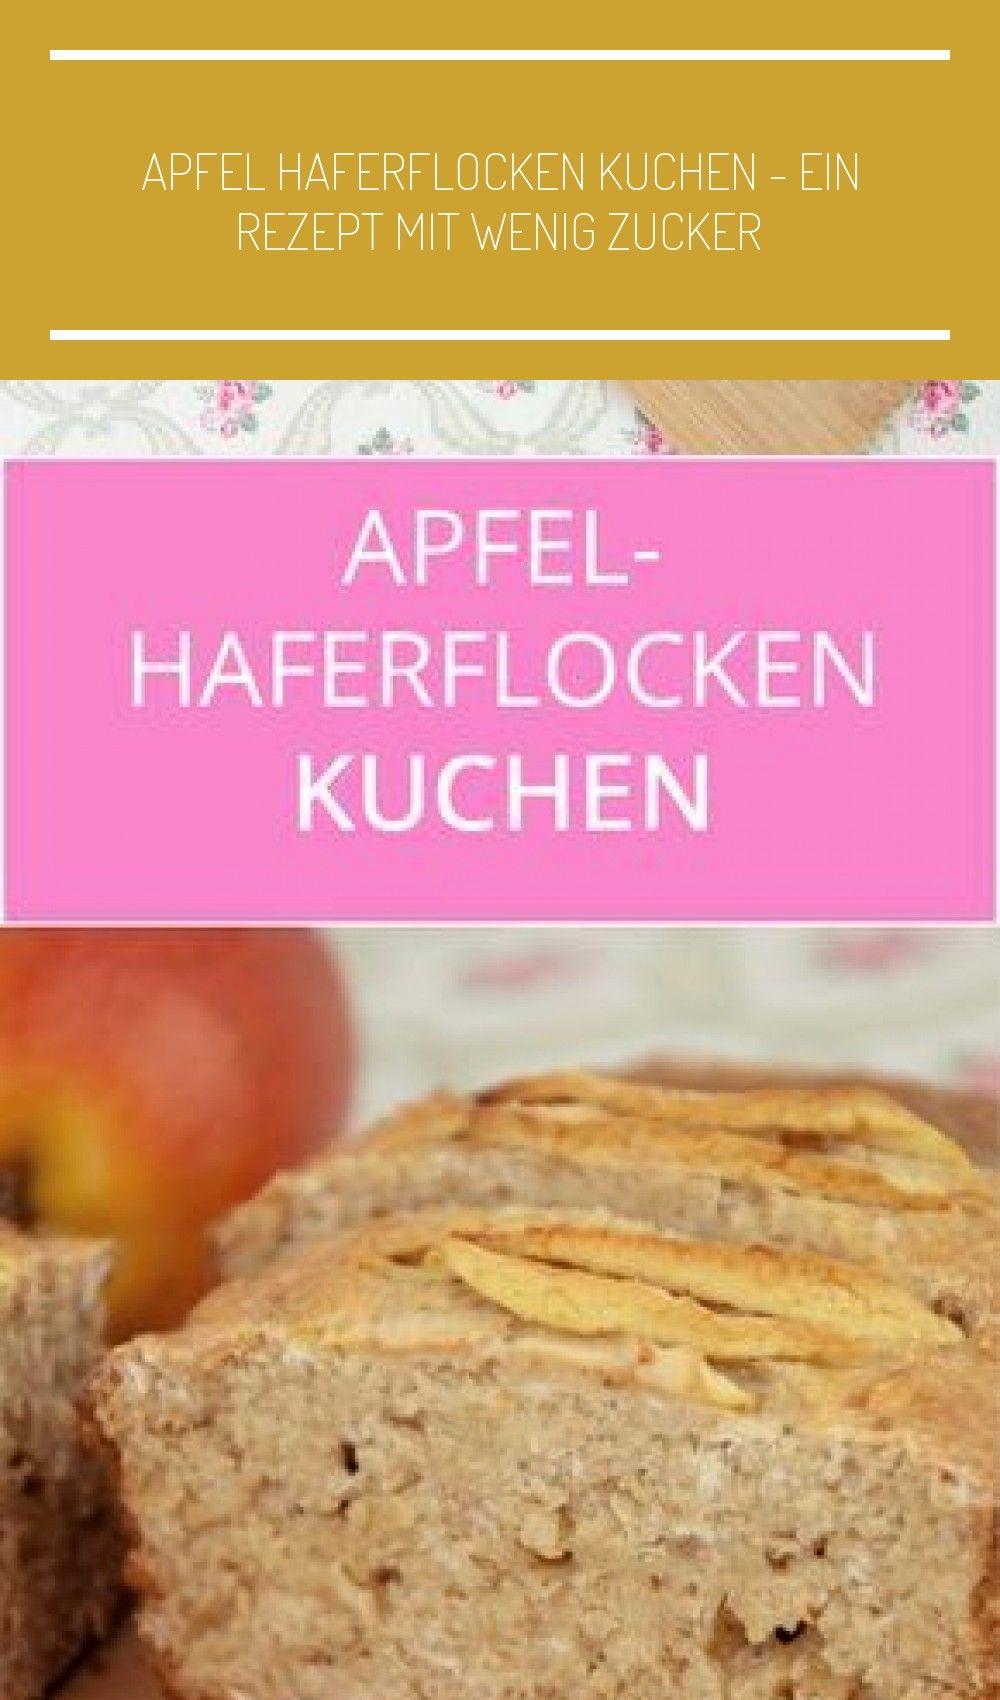 Ein leckeres Rezept für einen Apfel Haferflocken Kuchen fast ohne Zucker! Gewissermaßen ein Rezept f...